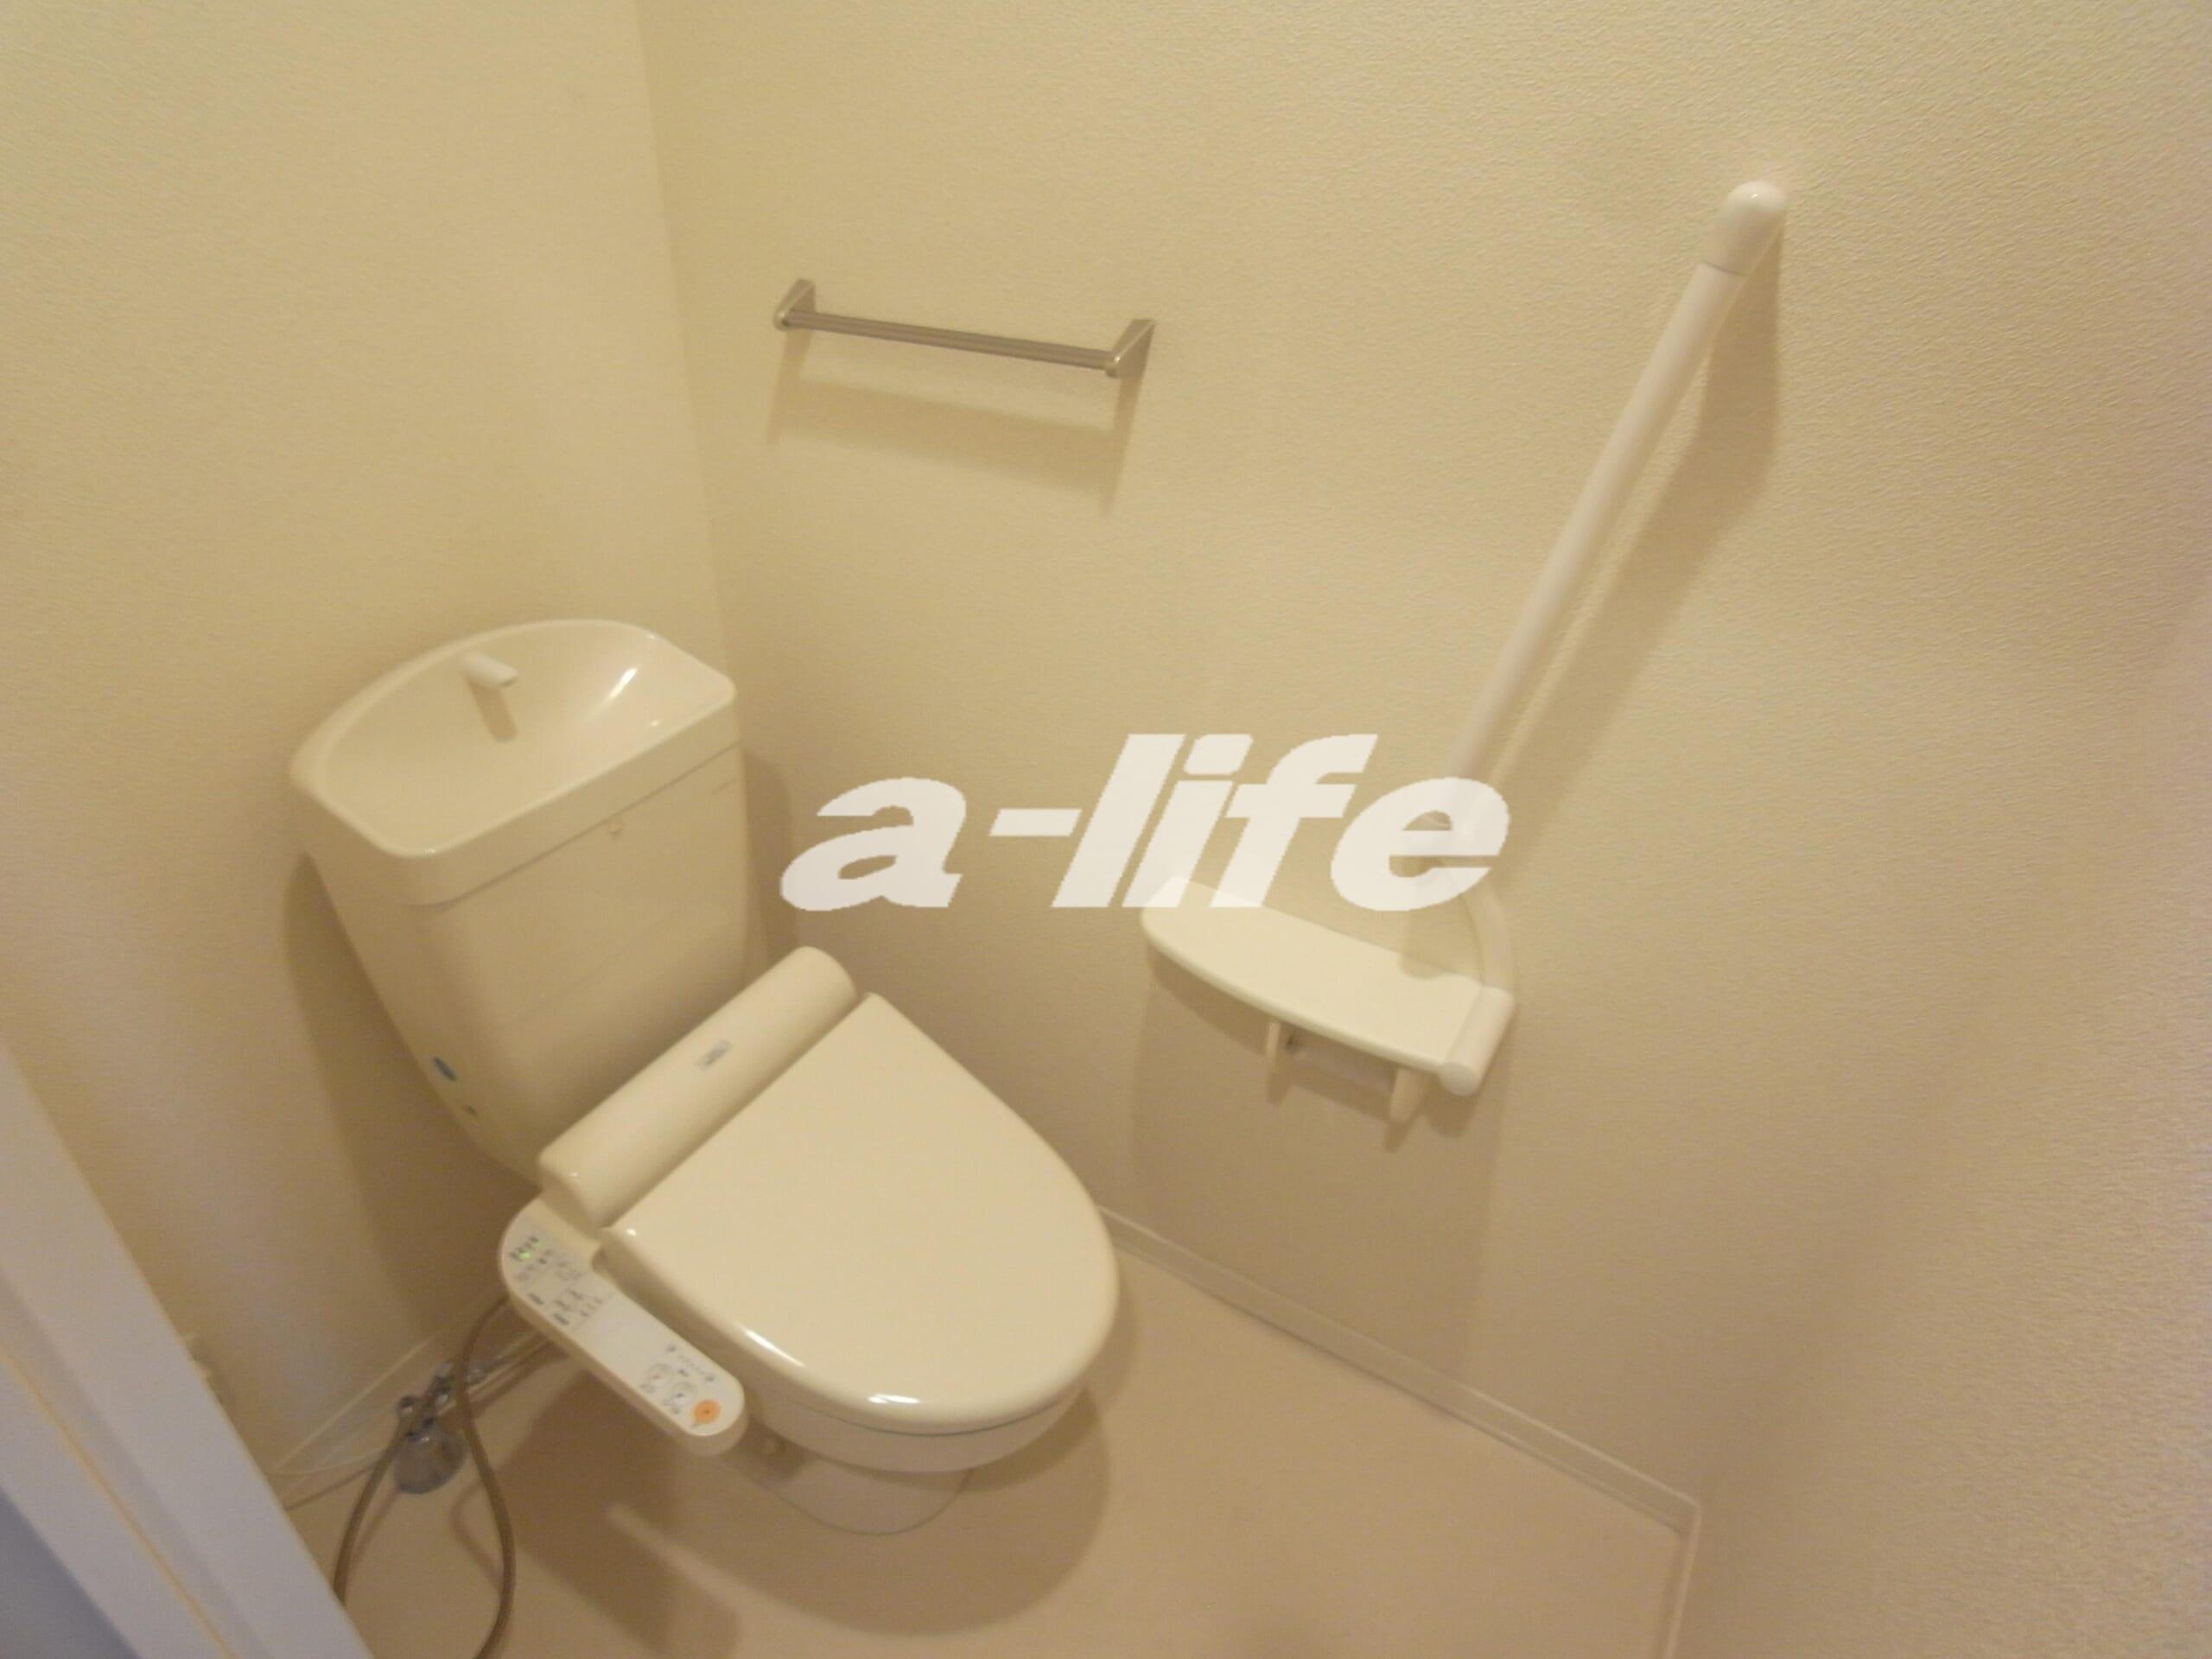 レグルス神戸(積水ハウスの高品質住宅)